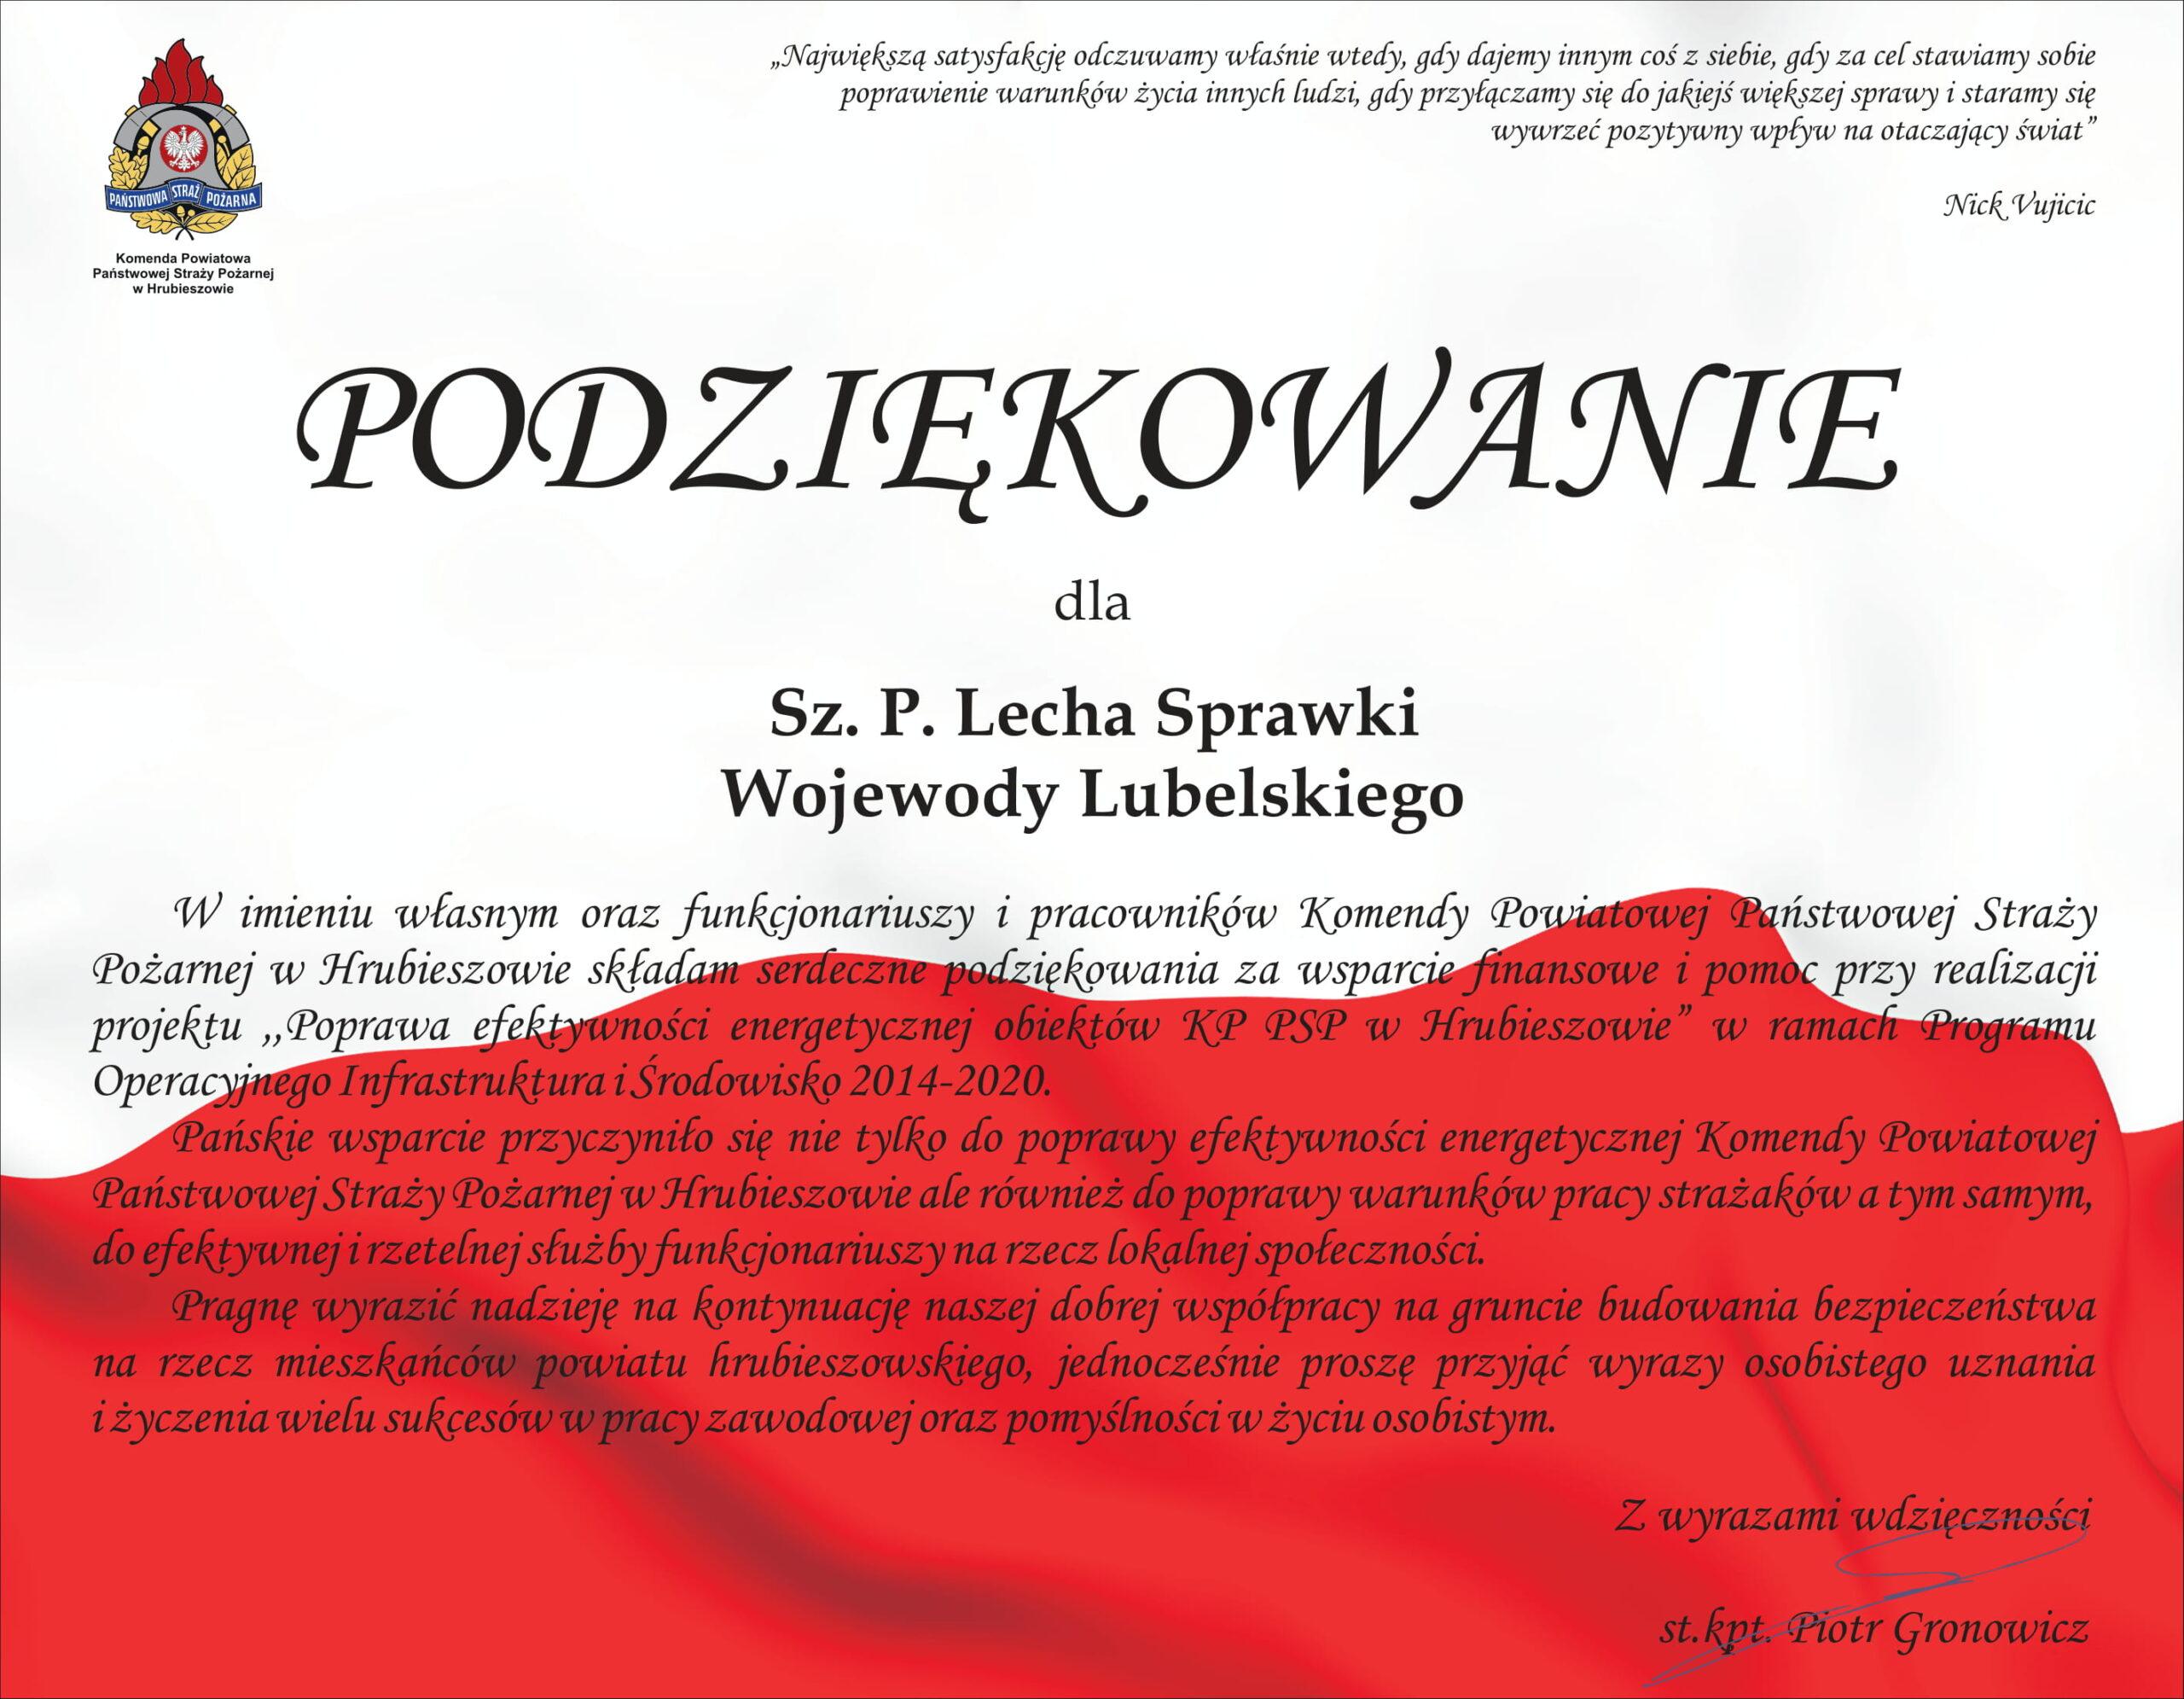 Podziękowania KP PSP Hrubieszów 06.05 (1)-07